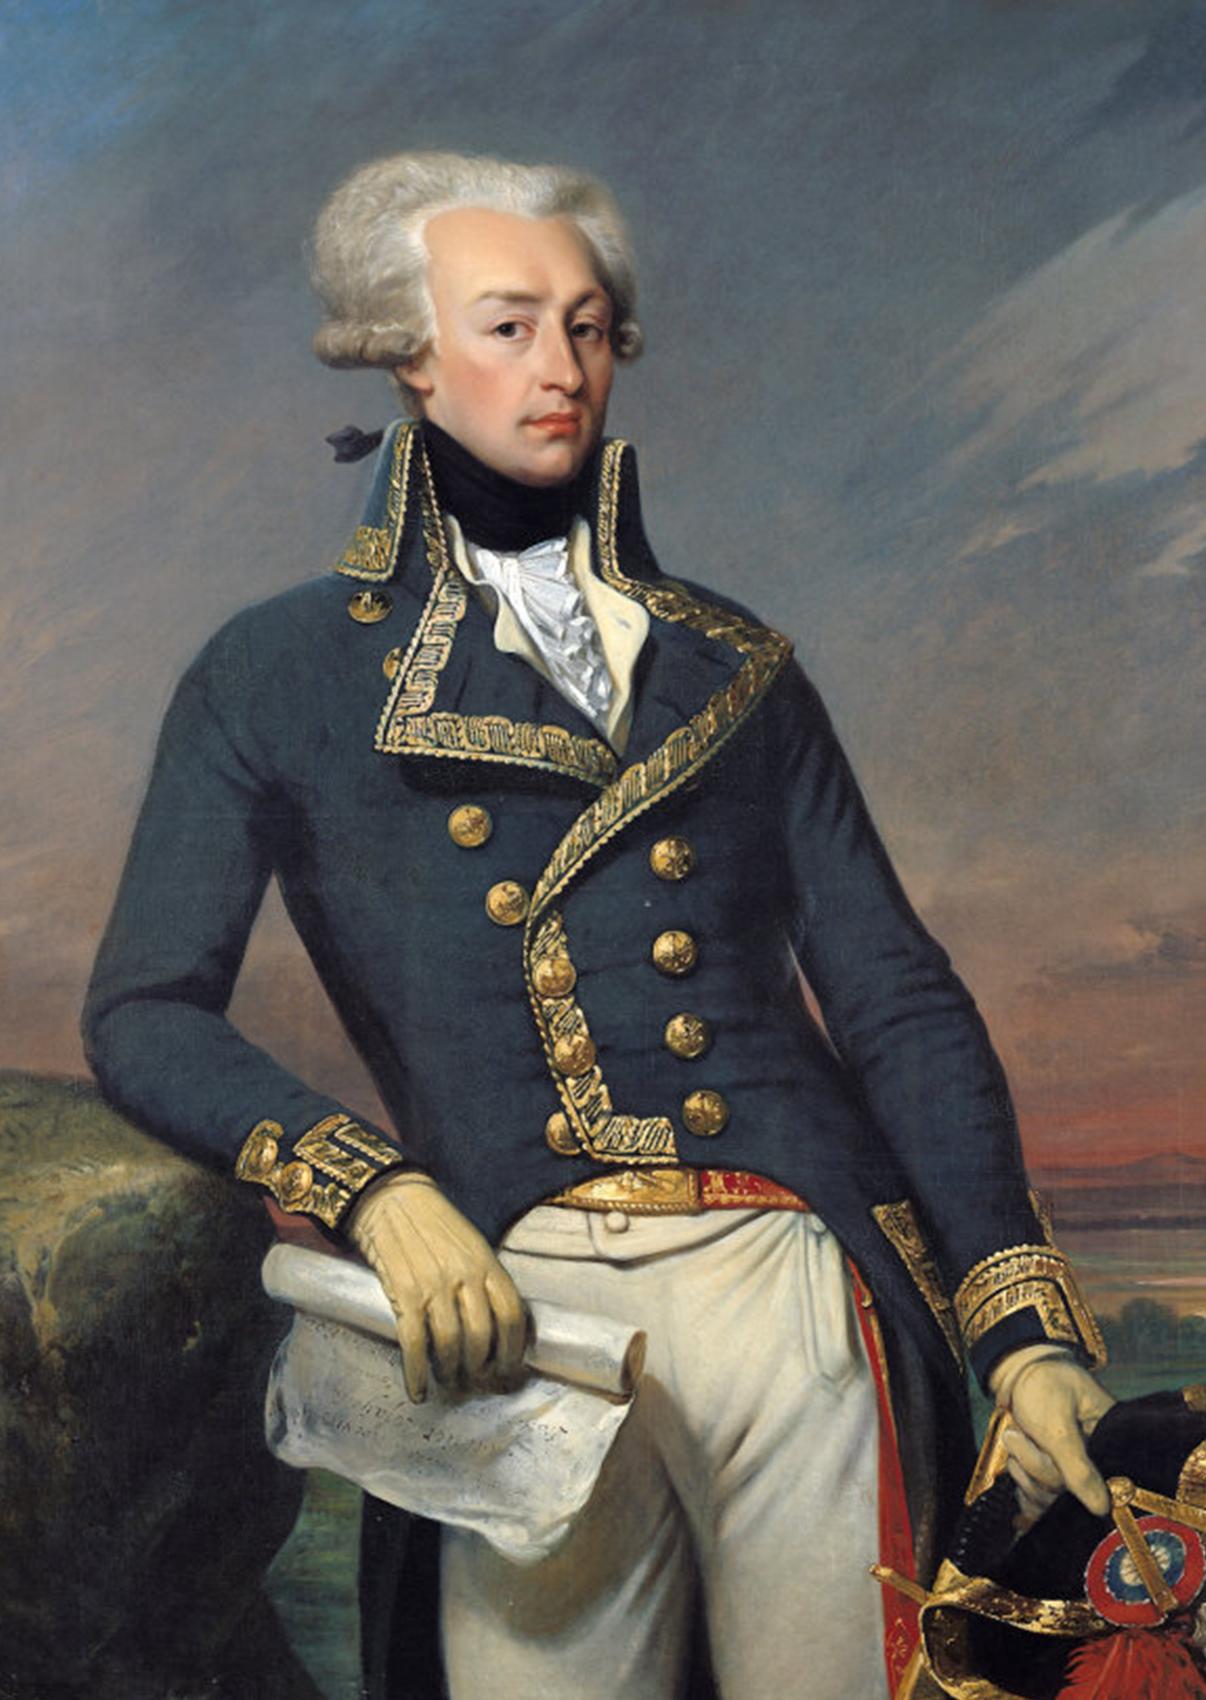 Portrait of Gilbert Motier the Marquis De La Fayette as a Lieutenant General, 1791. Portrait by Joseph-Désiré Court.